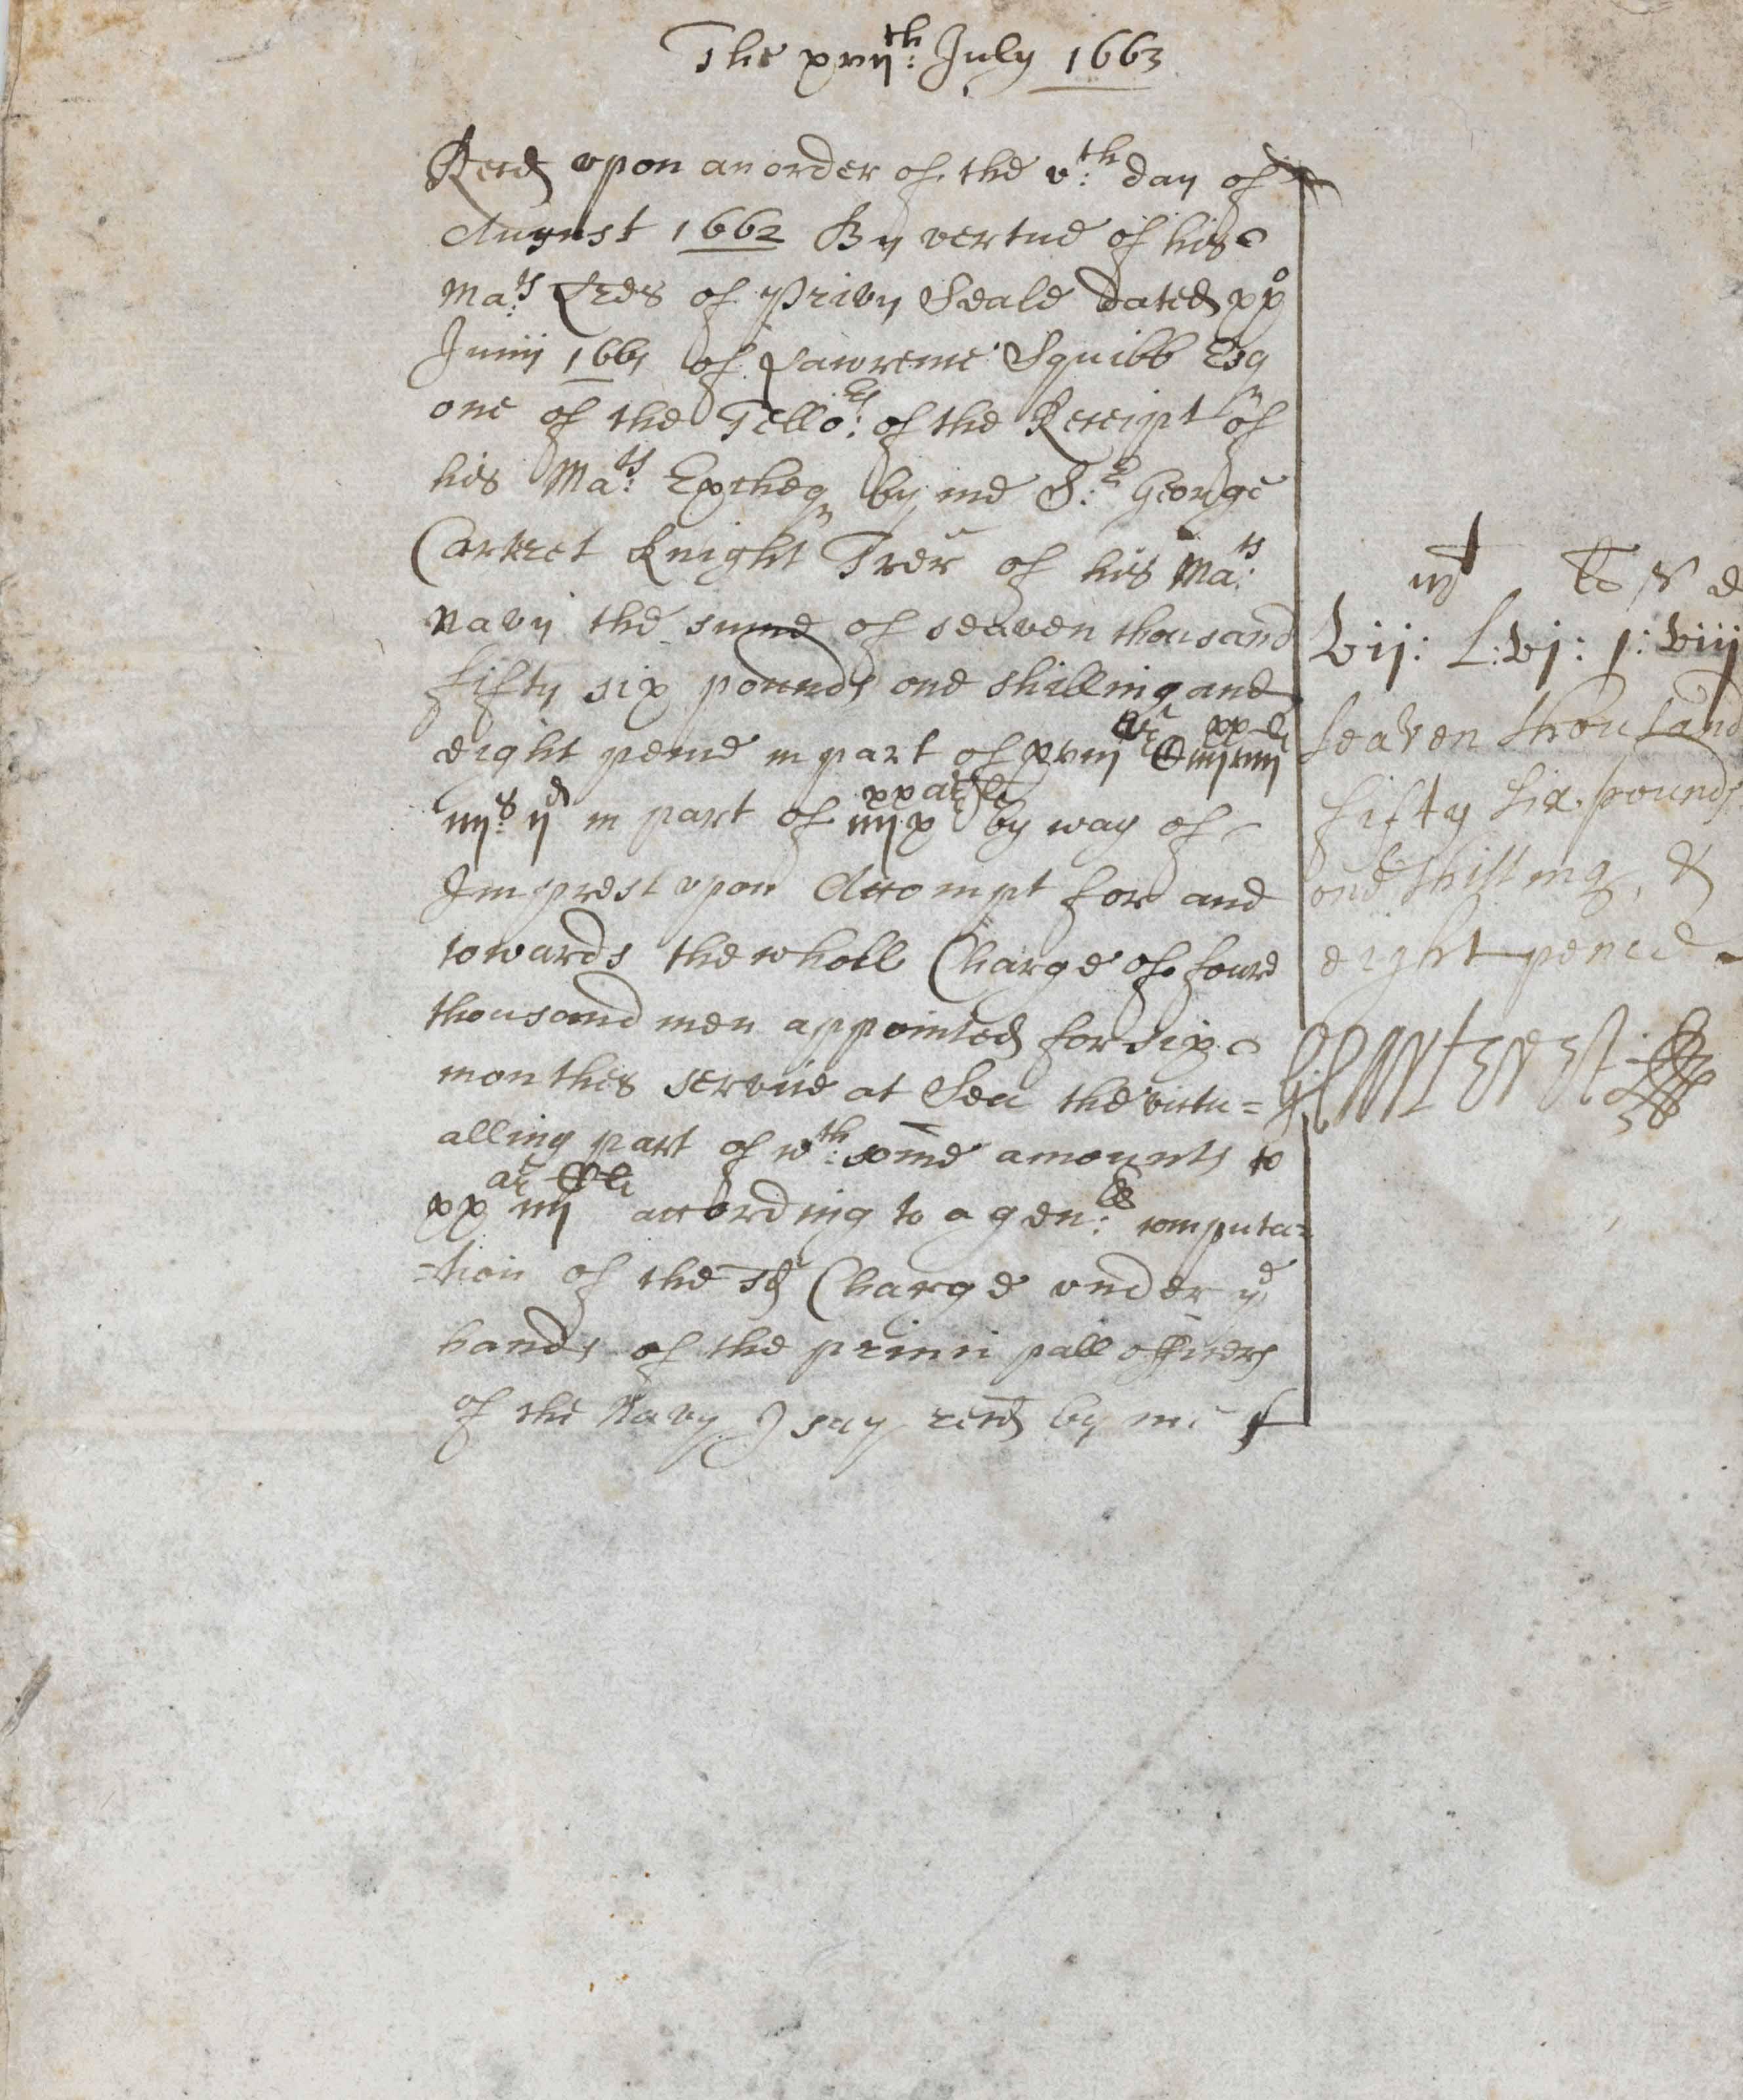 CARTERET, George (1610-1680).